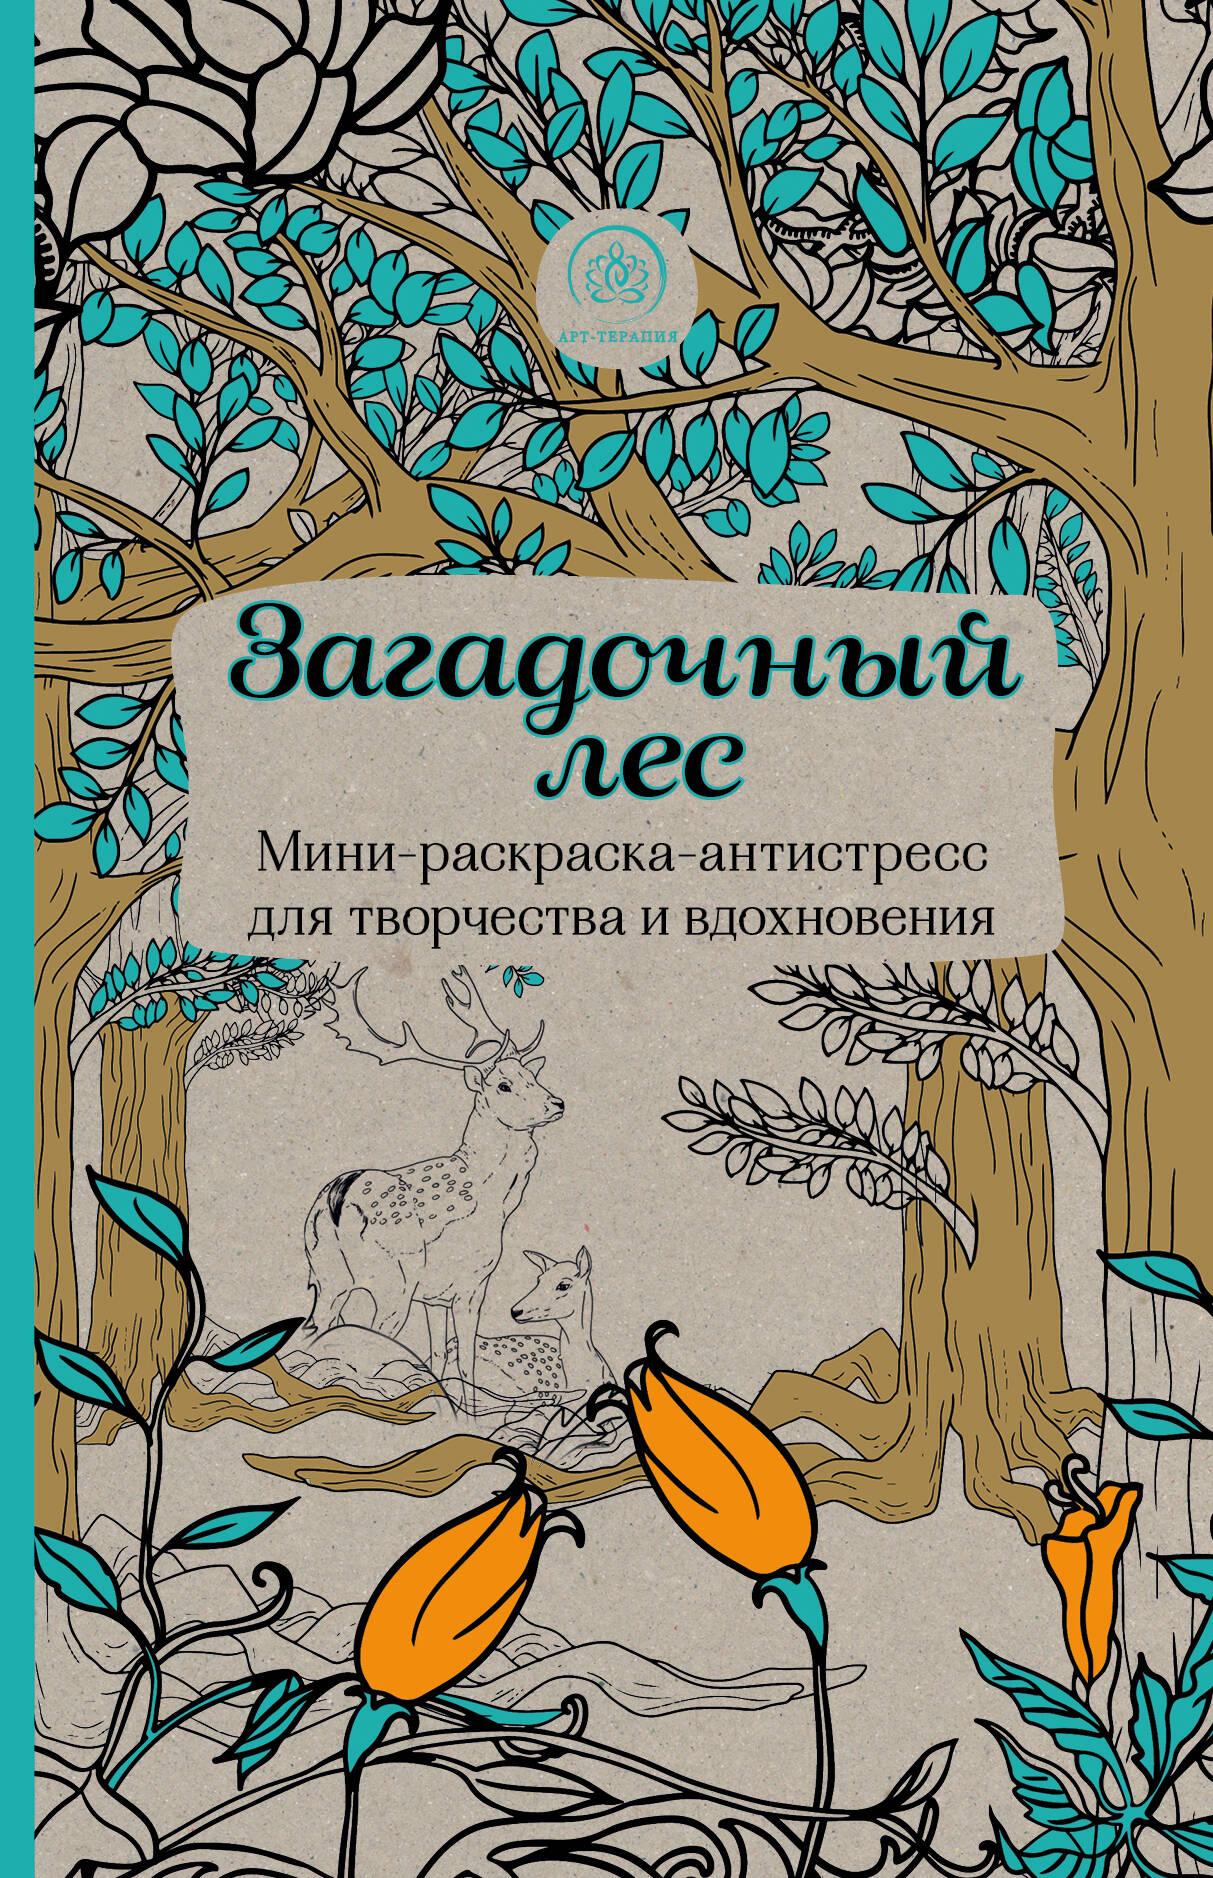 Обложка книги как найти вдохновение для написания